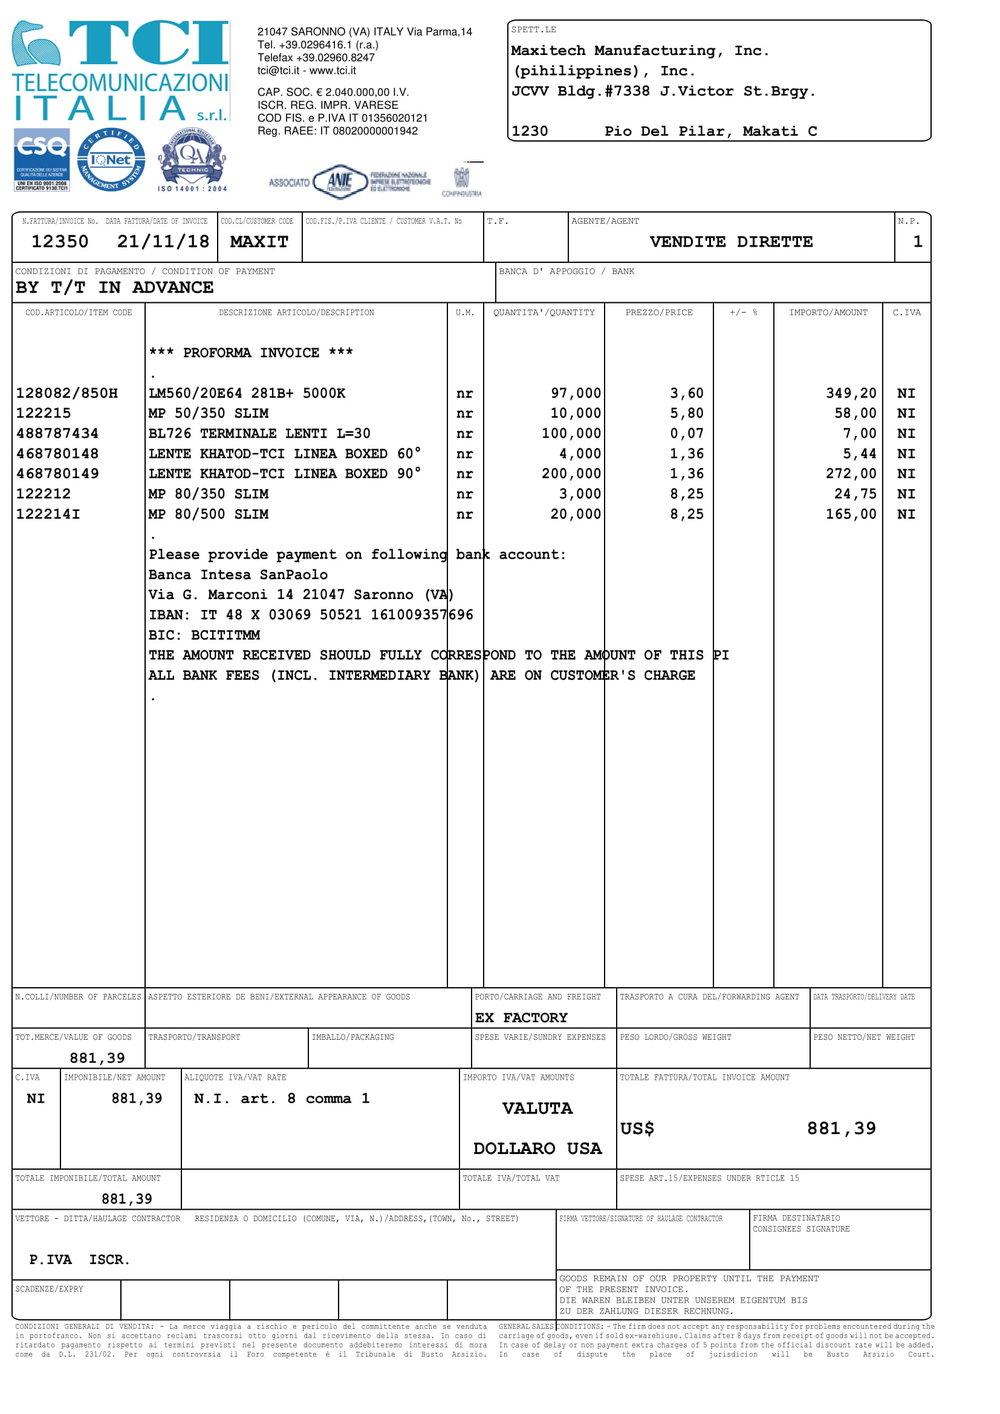 2018-0058 MMI PO2707 TCI — Maxitech Mfg , Inc